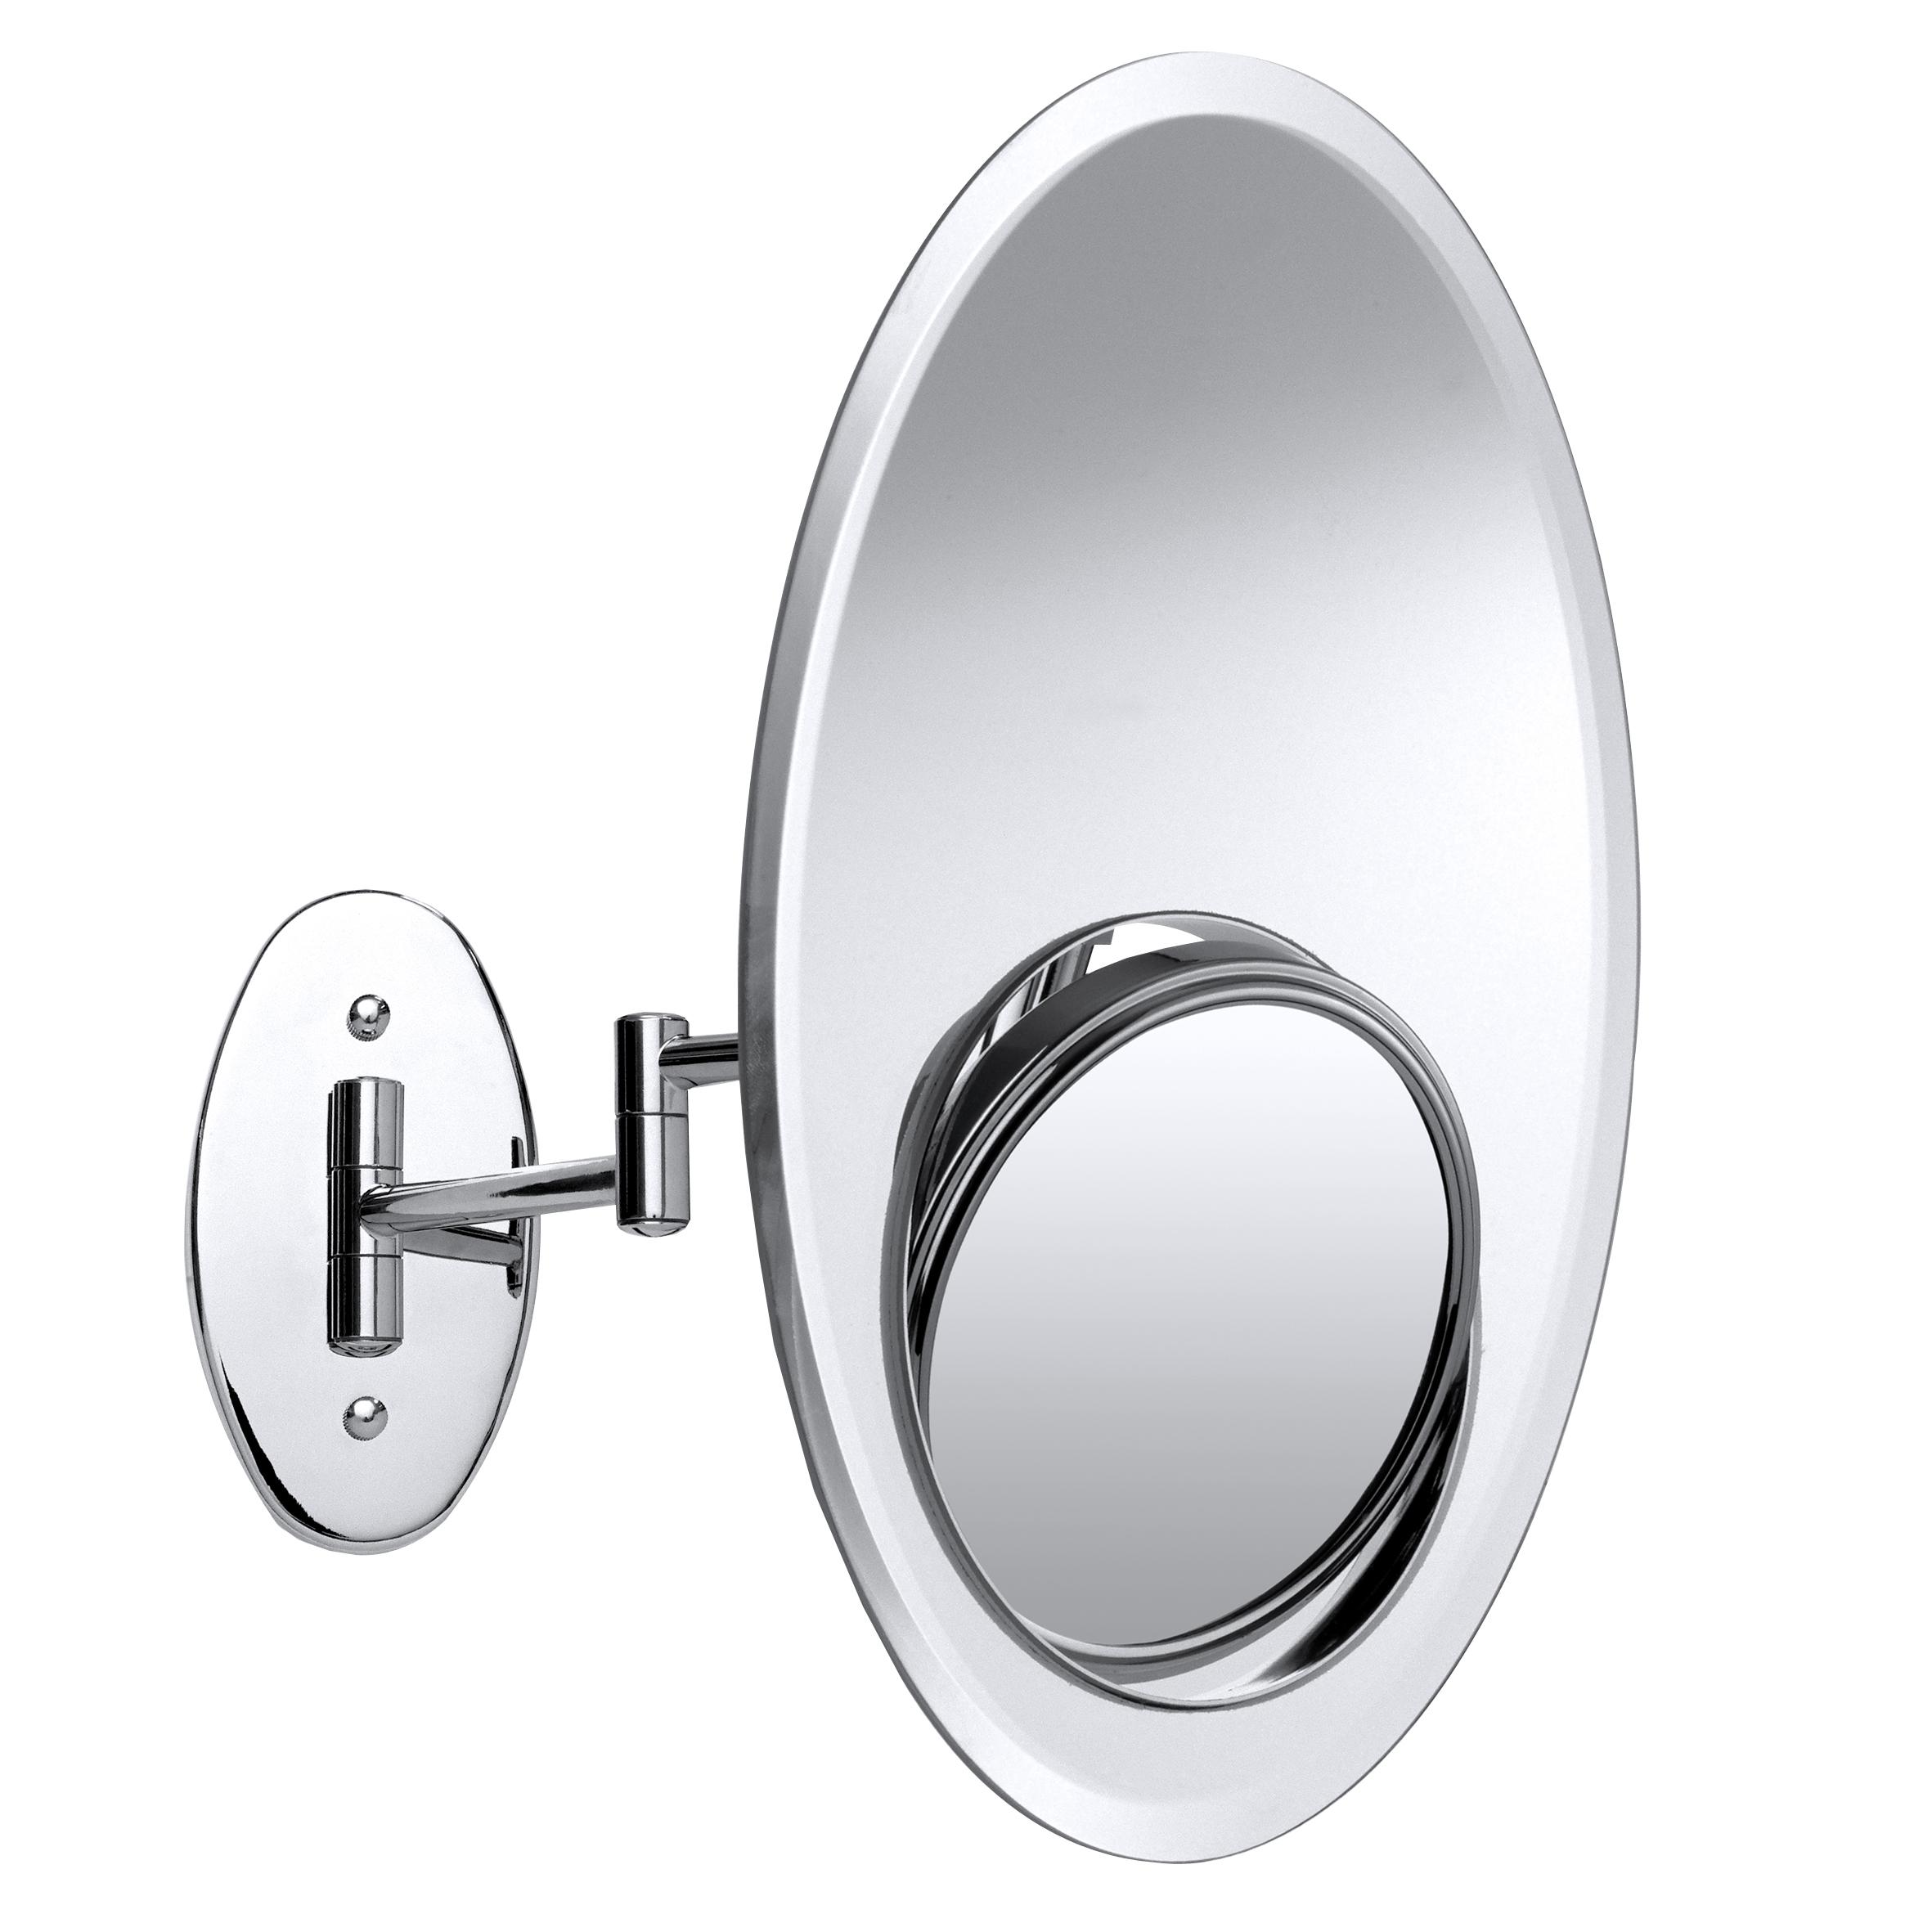 Зеркало косметическое Axentia, настенное, диаметр 12,5 см282808Настенное косметическое зеркало 3 в 1 Axentia, изготовленное из стали и стекла, идеально подходит для нанесения макияжа и совершения различных косметических процедур. Изделие овальной формы имеет встроенное двухстороннее зеркало. Зеркало с регулируемым углом наклона позволит вам установить его так, как это удобно вам, а увеличение в 2 и в 8 раз на каждой из сторон поможет разглядеть даже малейшие нюансы и устранить все недостатки кожи. Возможность использовать 3 типа зеркала создаст дополнительный комфорт при использовании данного аксессуара. Изделие крепится на стену с помощью шурупов (в комплекте). Яркий и стильный дизайн зеркала делает его отличным подарком родным и близким, оно будет прекрасно смотреться в любом интерьере. Размер овального зеркала: 30 см х 20 см. Диаметр круглого зеркала: 12,5 см. Высота: 35 см.